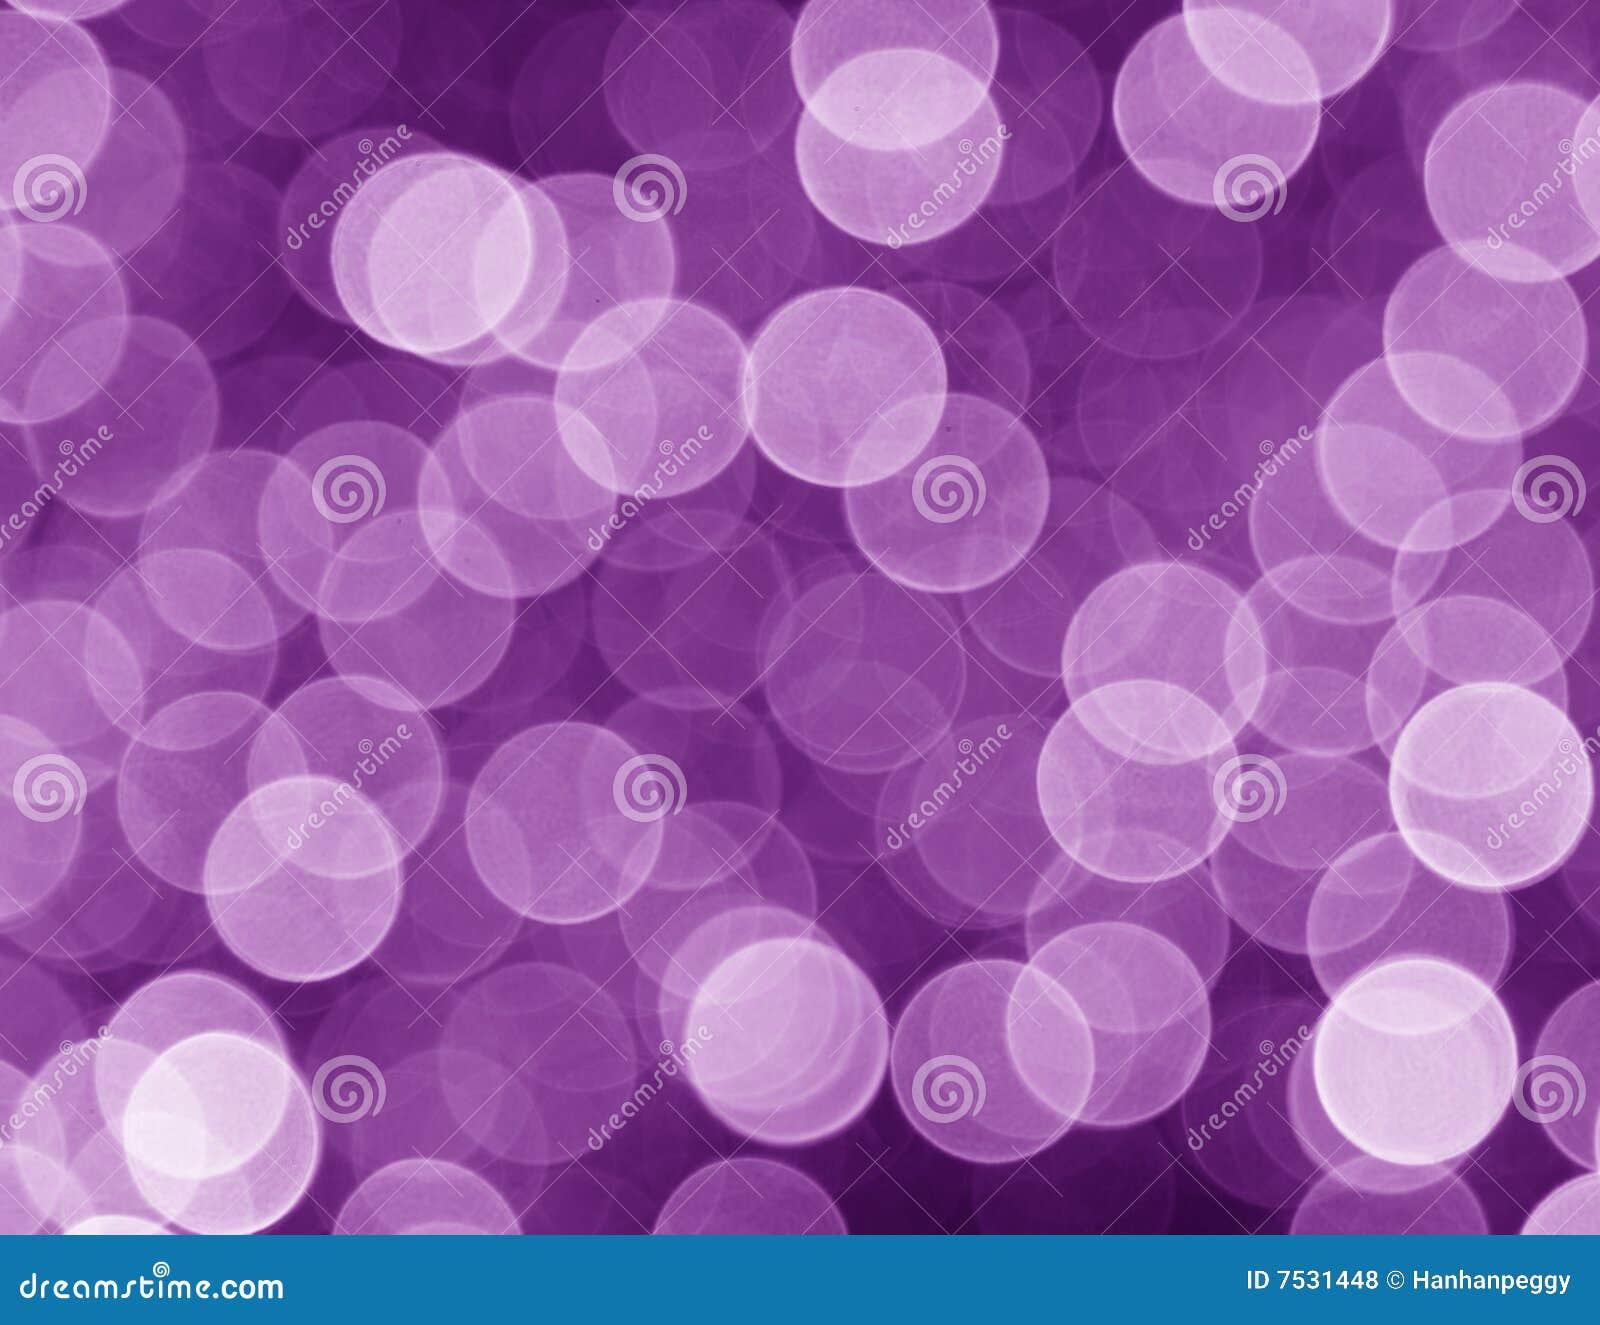 Purpurroter abstrakter Hintergrund